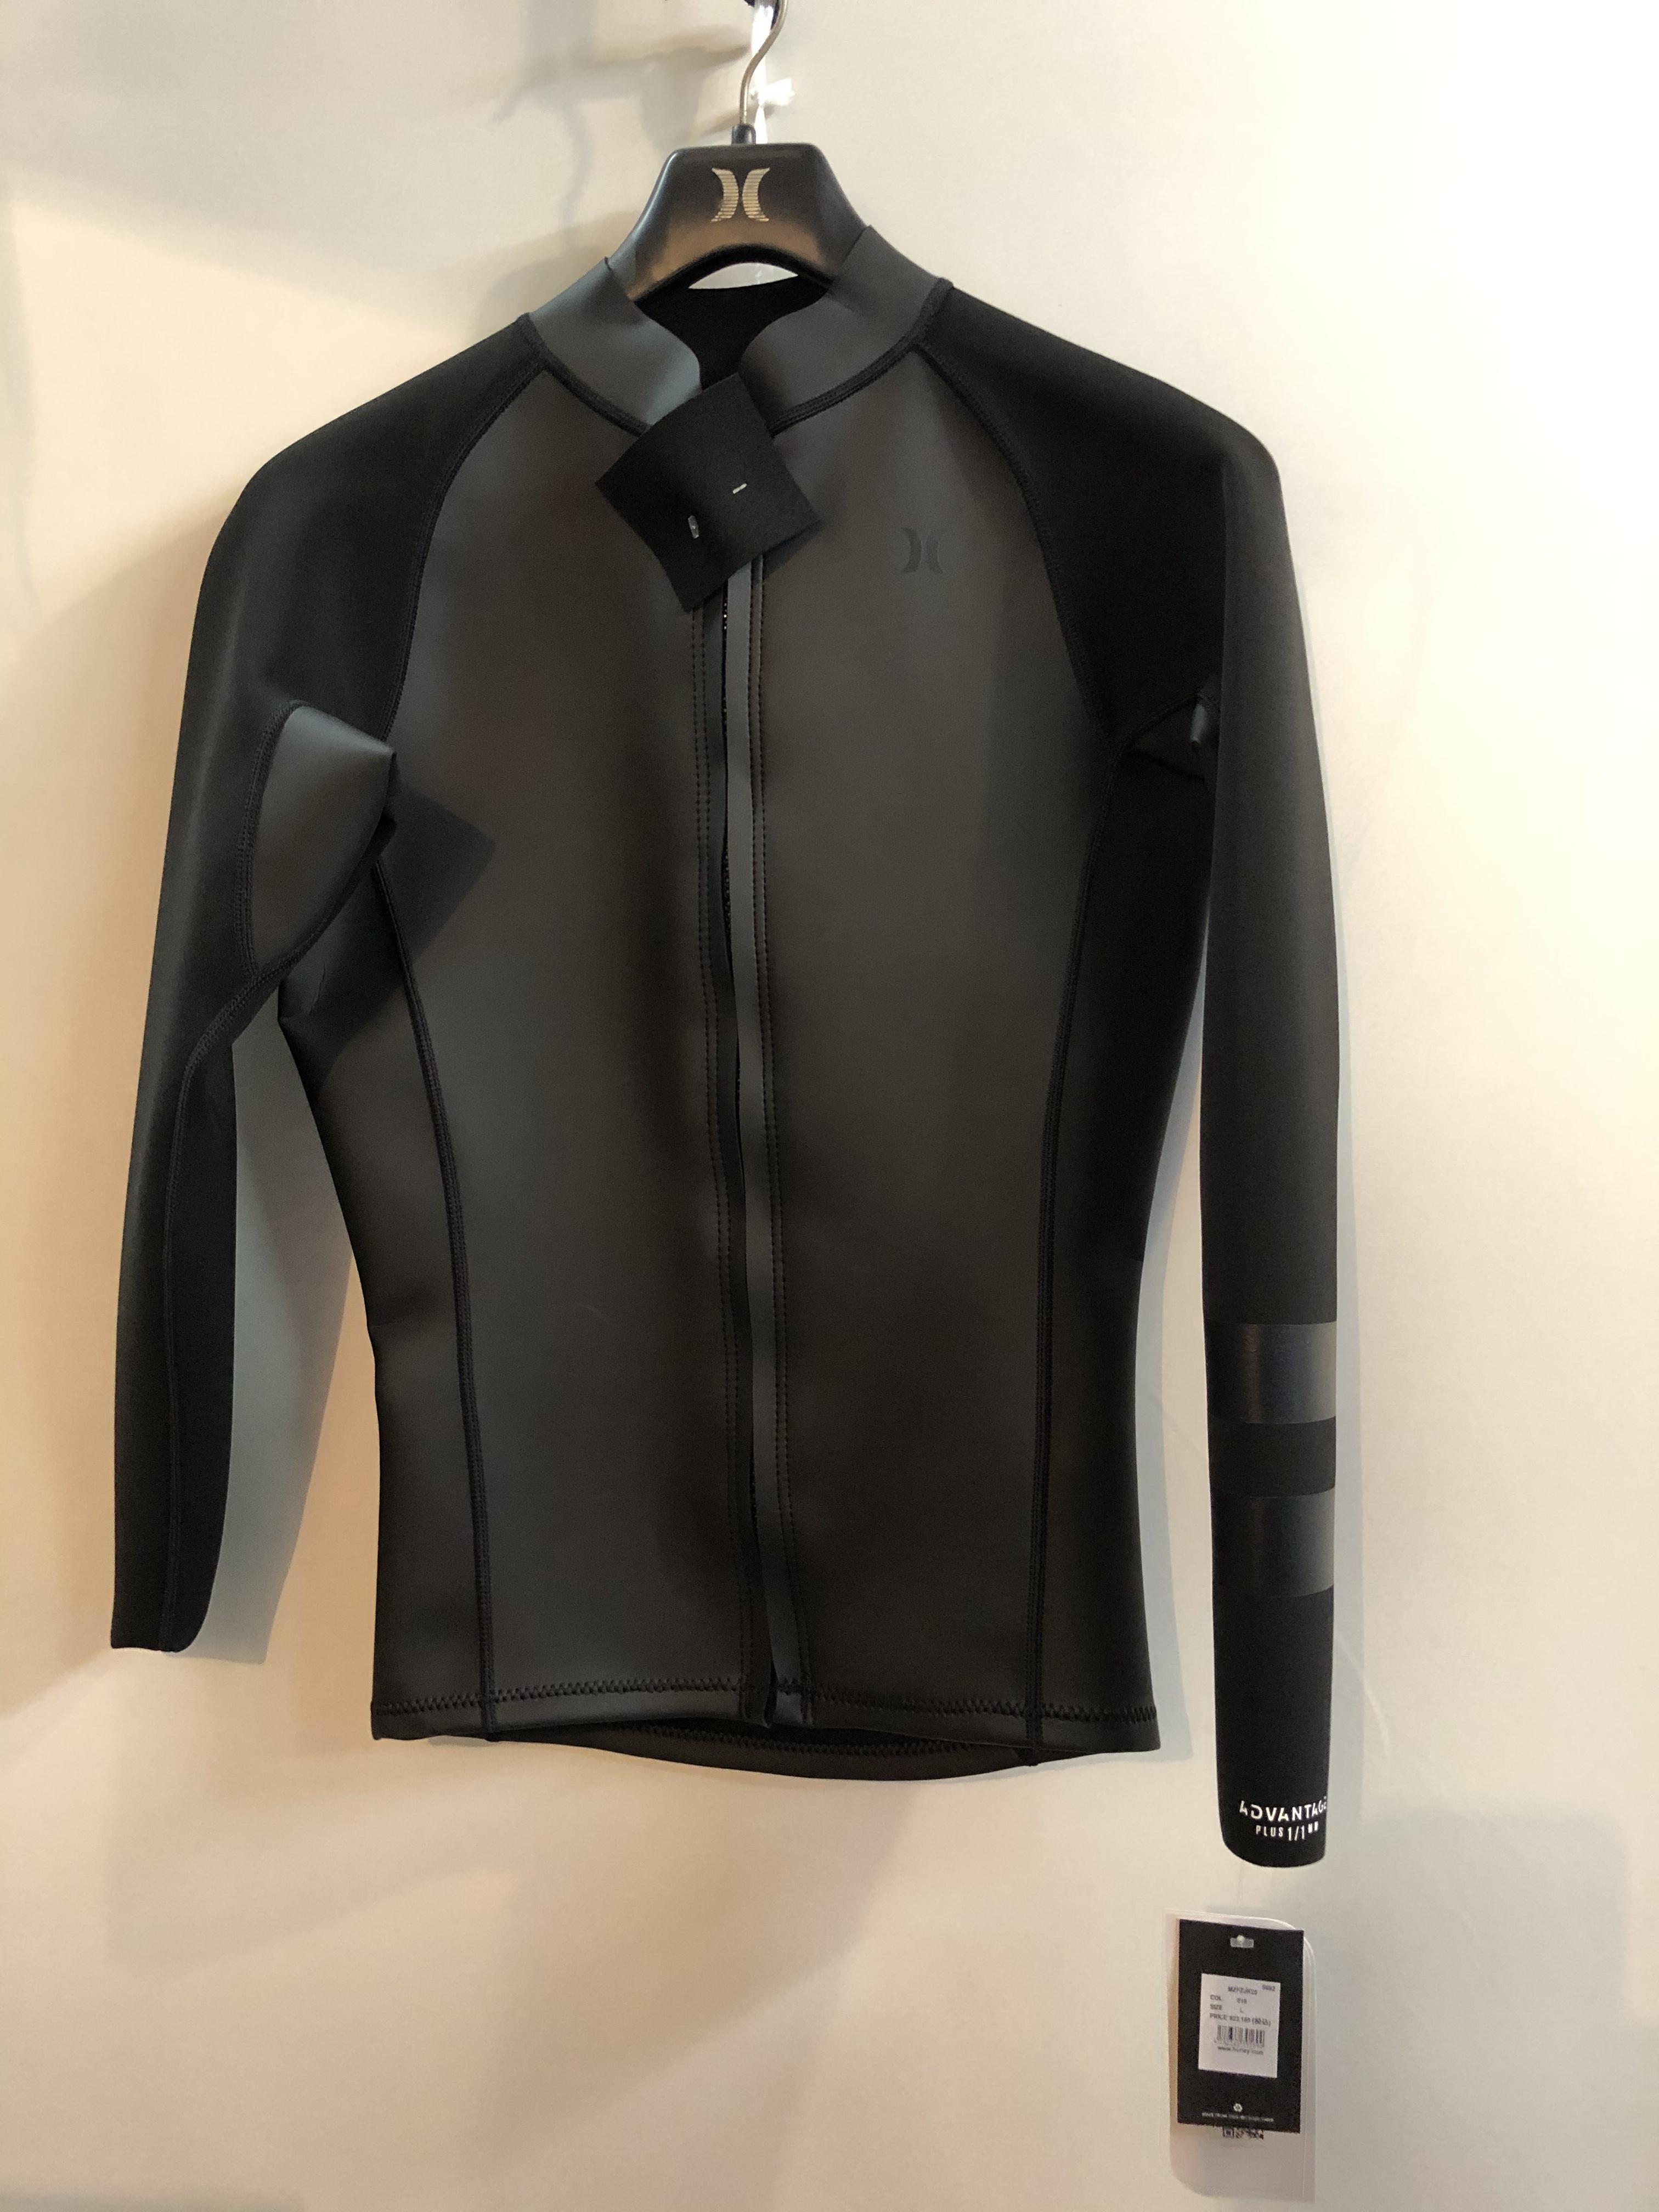 HURLEY 正規販売店品 2020Hurley ハーレー ウェットスーツ L/S ジャケット Lサイズ